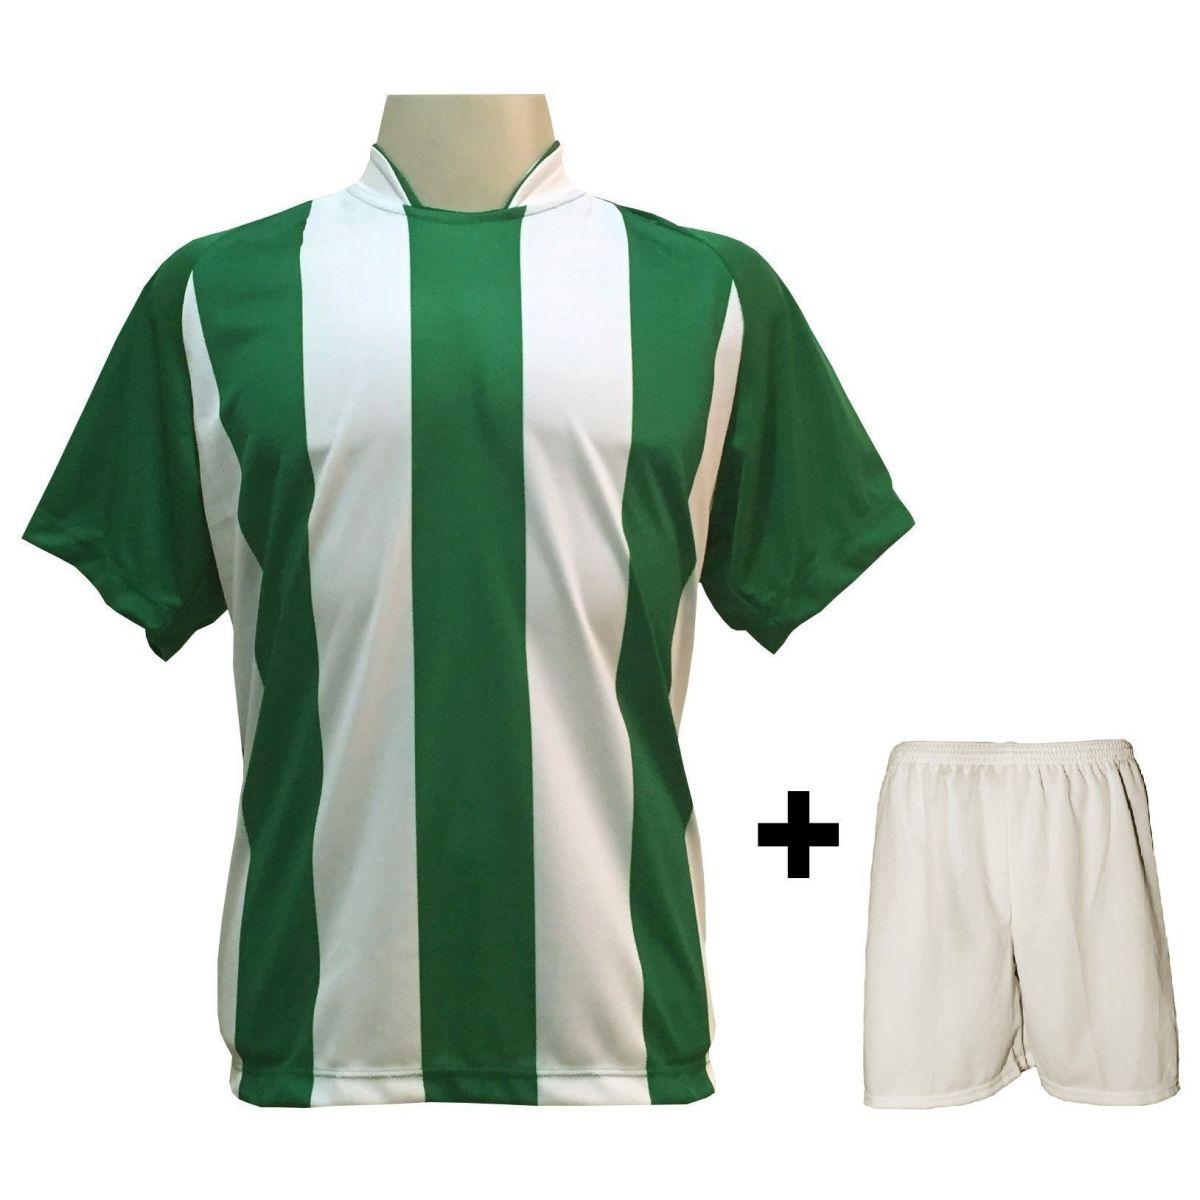 Uniforme Esportivo com 18 camisas modelo Milan Verde/Branco + 18 calções modelo Madrid Branco + Brindes